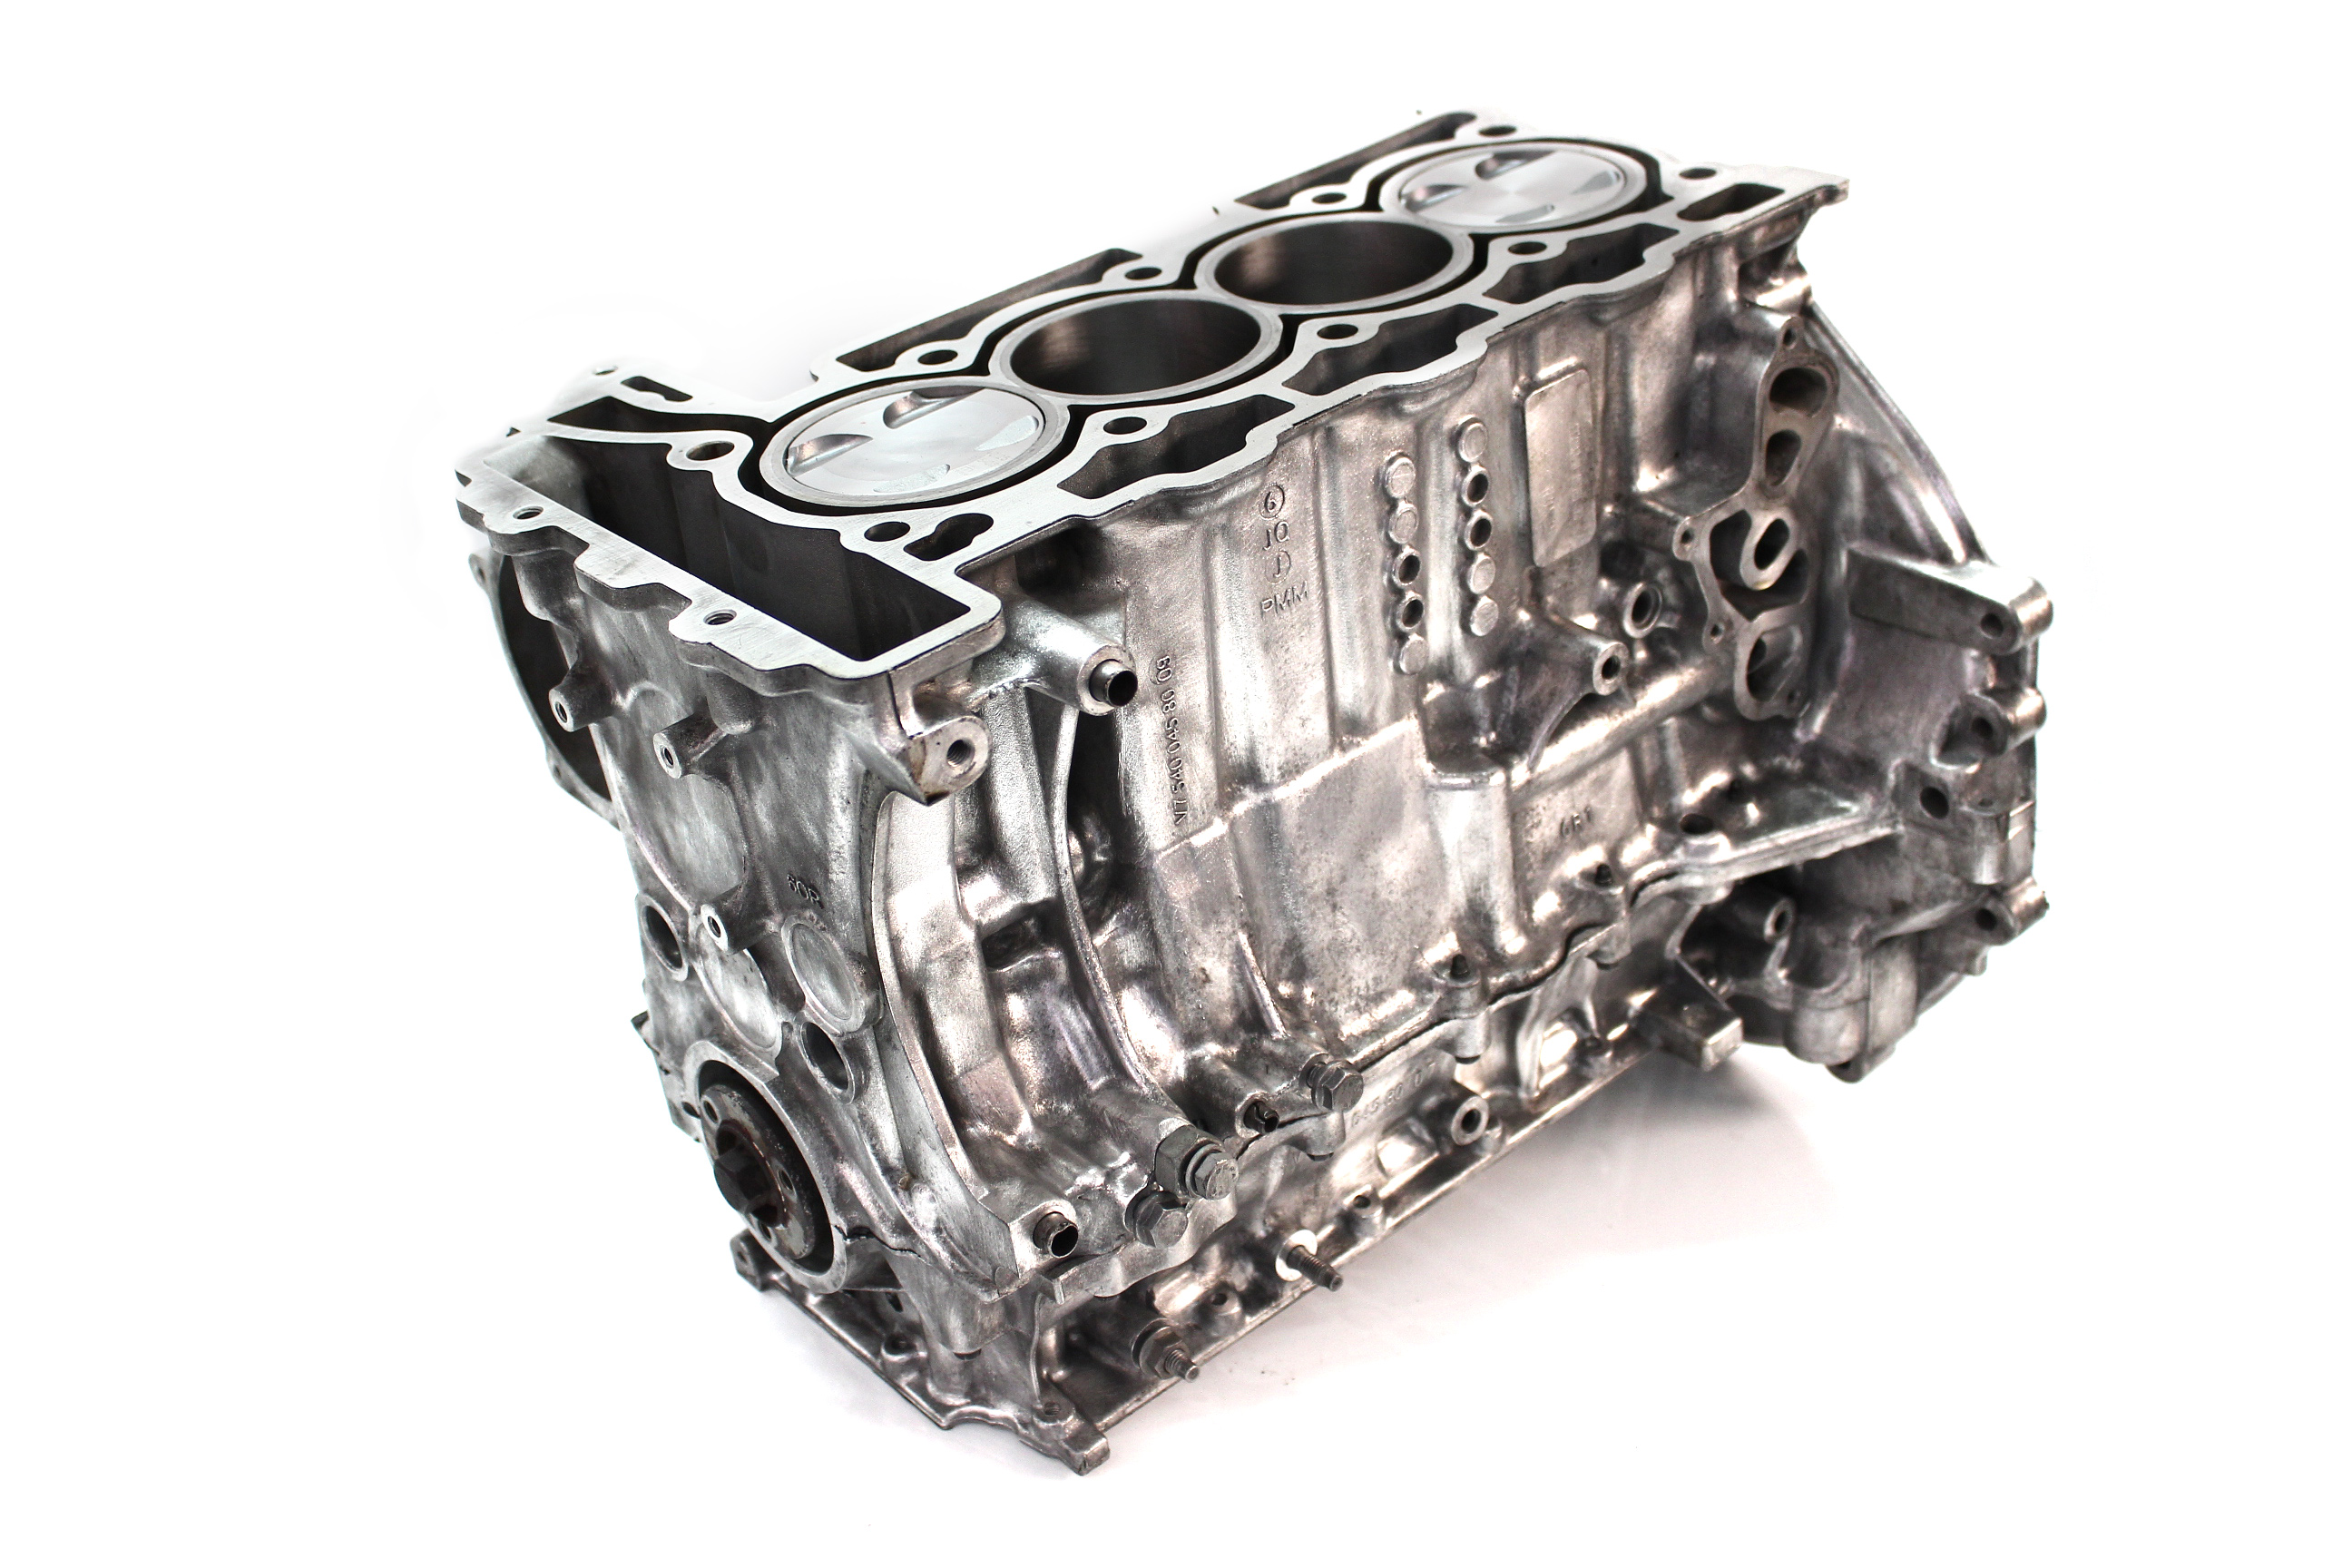 Motorblock überholt revidiert Kurbeltrieb Mini R56 Cooper 1,6 N12 N12B16A